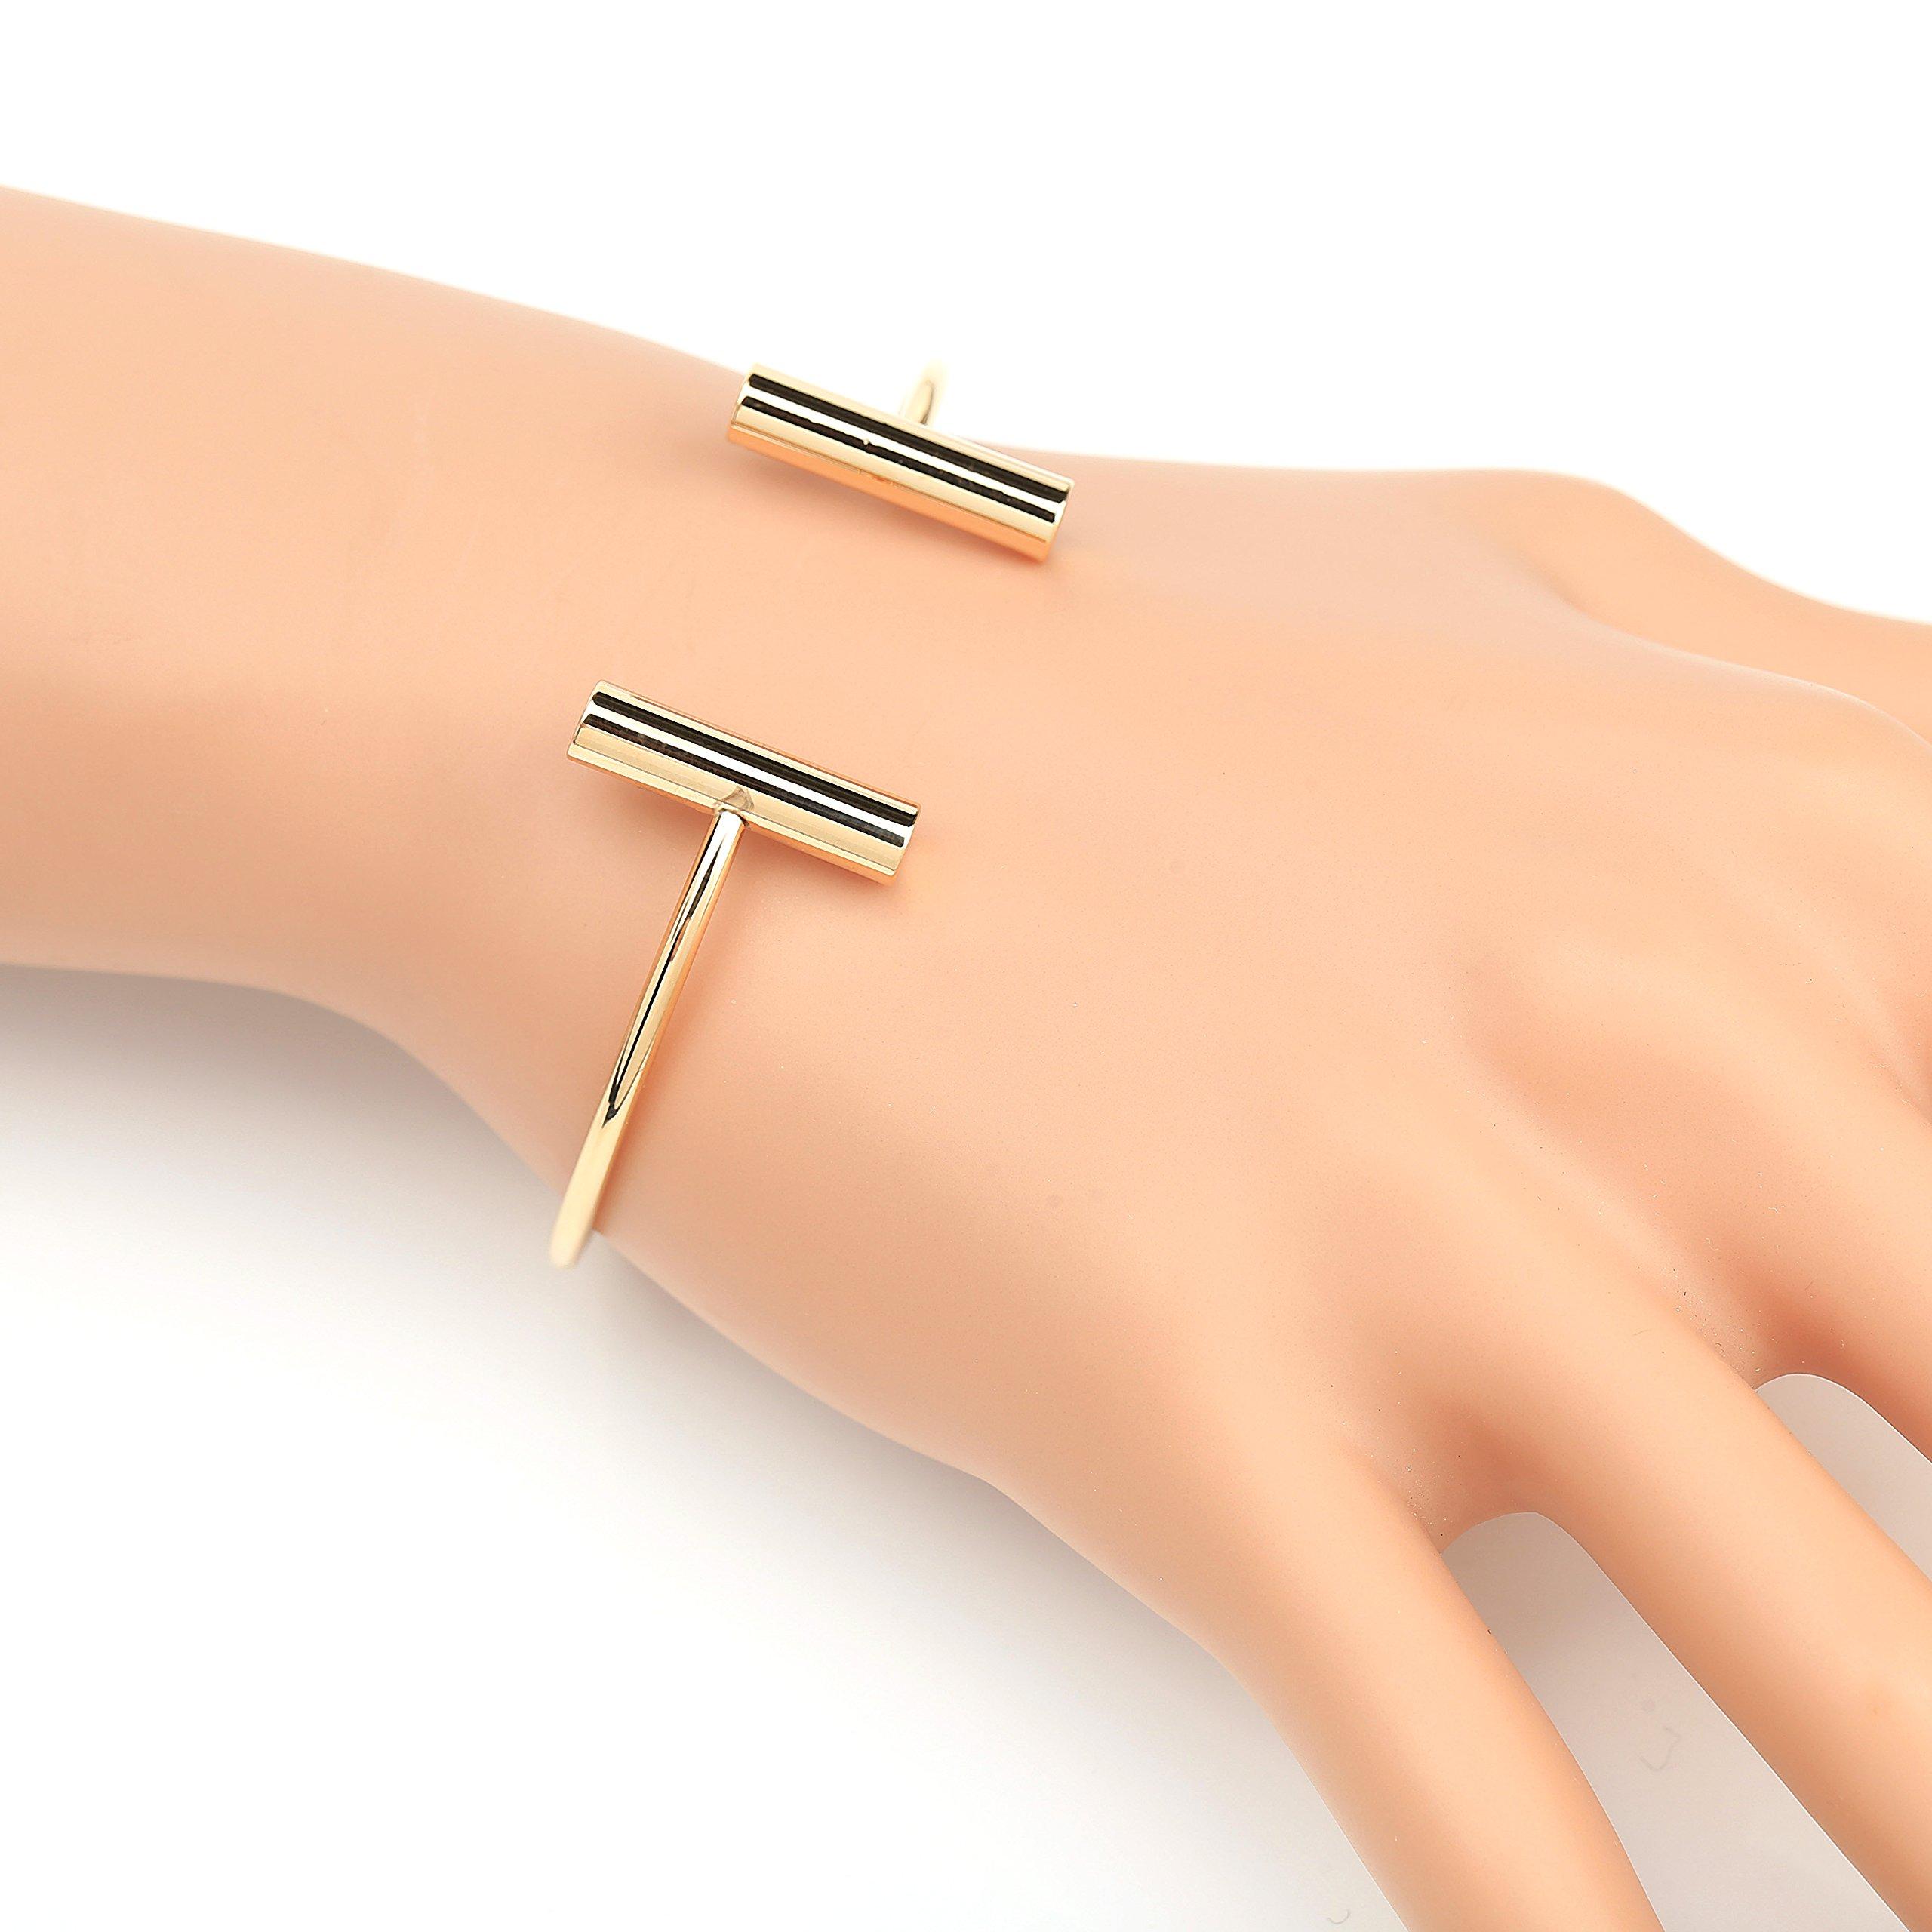 United Elegance Stylish Designer Bangle Bracelet with Contemporary T-Bar Design by United Elegance (Image #2)